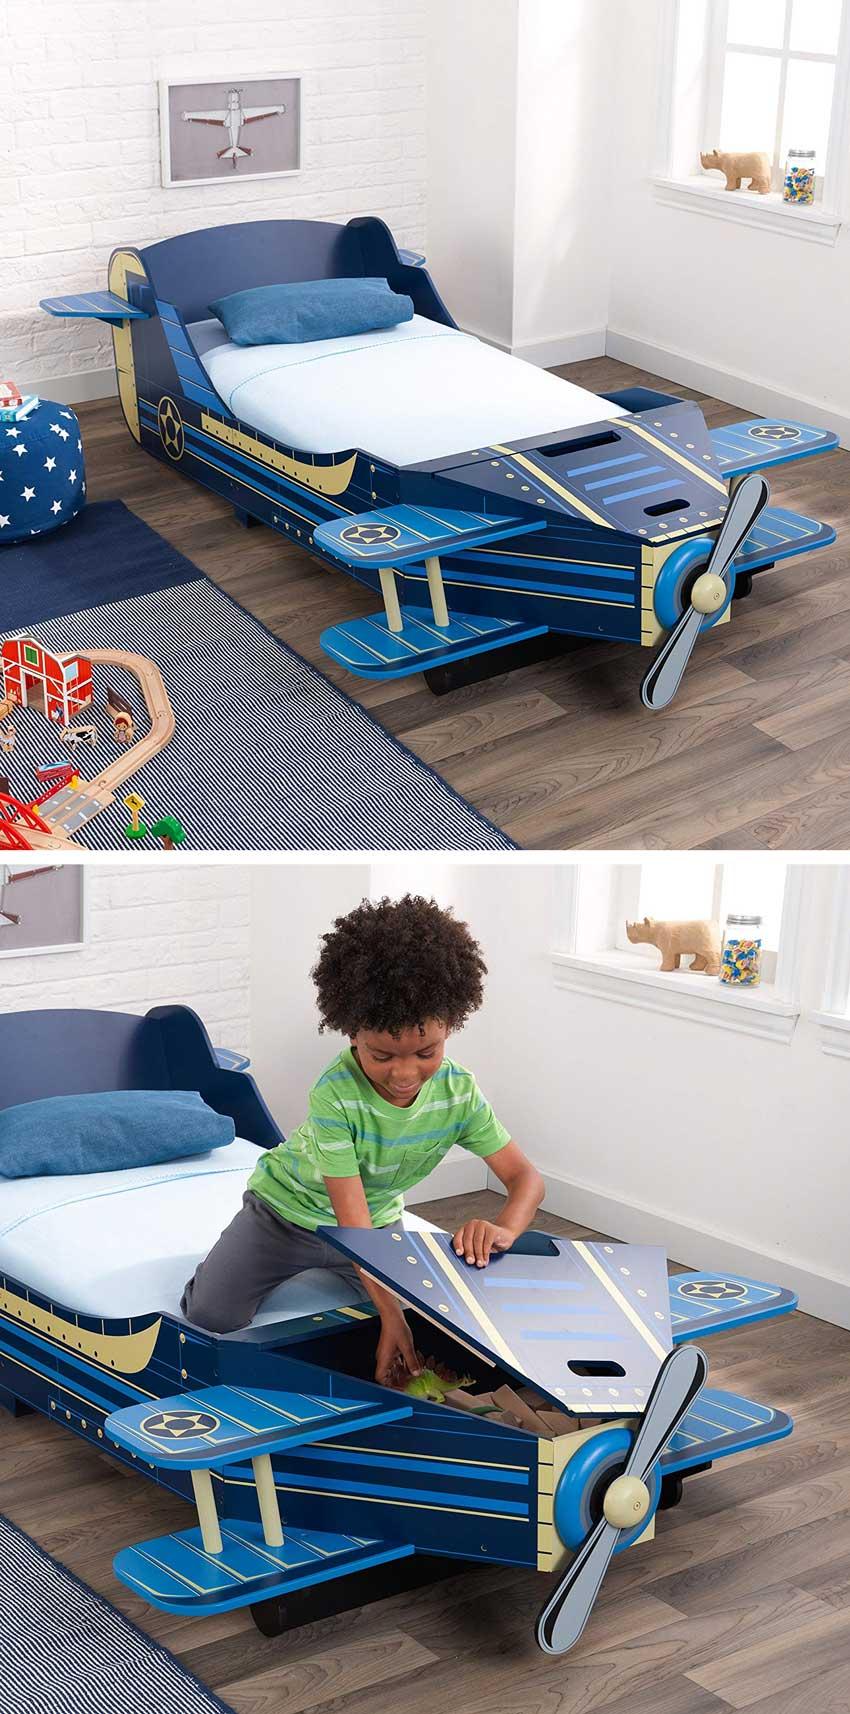 Camere Da Letto Piu Belle Del Mondo 80 camerette per bambini che faranno sognare anche i più grandi